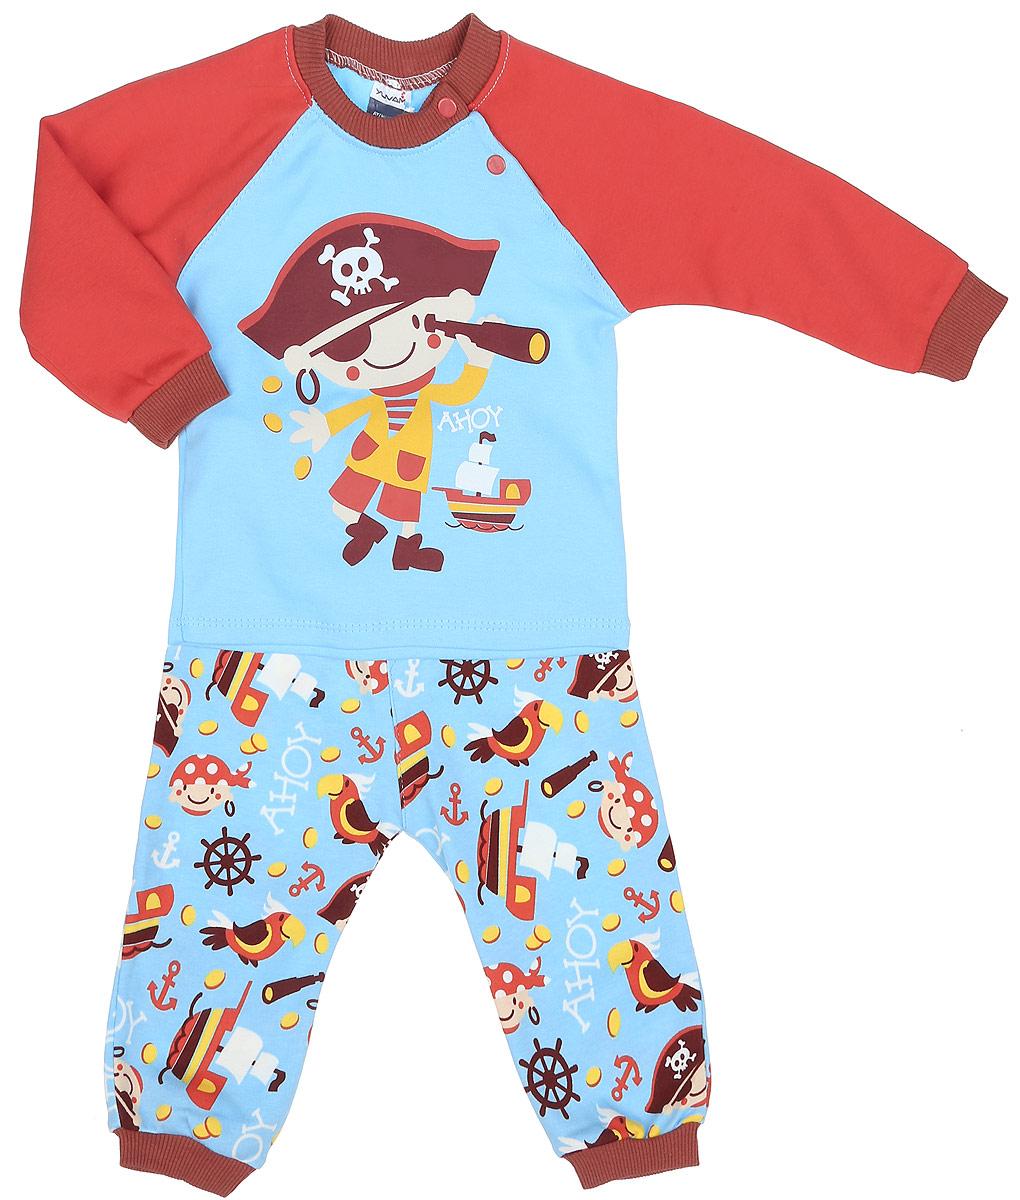 1346-28Комплект одежды для мальчика Yuvam, состоящий из футболки с длинный рукавом и штанишек, станет отличным дополнением к детскому гардеробу. Комплект изготовлен из натурального хлопка, тактильно приятный, не раздражает нежную кожу ребенка и хорошо вентилируется, обеспечивая комфорт. Футболка с круглым вырезом горловины и длинными рукавами-реглан застегивается на кнопки по плечевому шву, что позволит легко переодеть малыша. Вырез горловины дополнен трикотажной резинкой. Штанишки имеют на поясе мягкую эластичную резинку, благодаря чему они не сдавливают животик ребенка и не сползают. На брючинах предусмотрены манжеты. Оформлено изделие принтом с изображением пирата. В таком комплекте ребенок всегда будет в центре внимания!